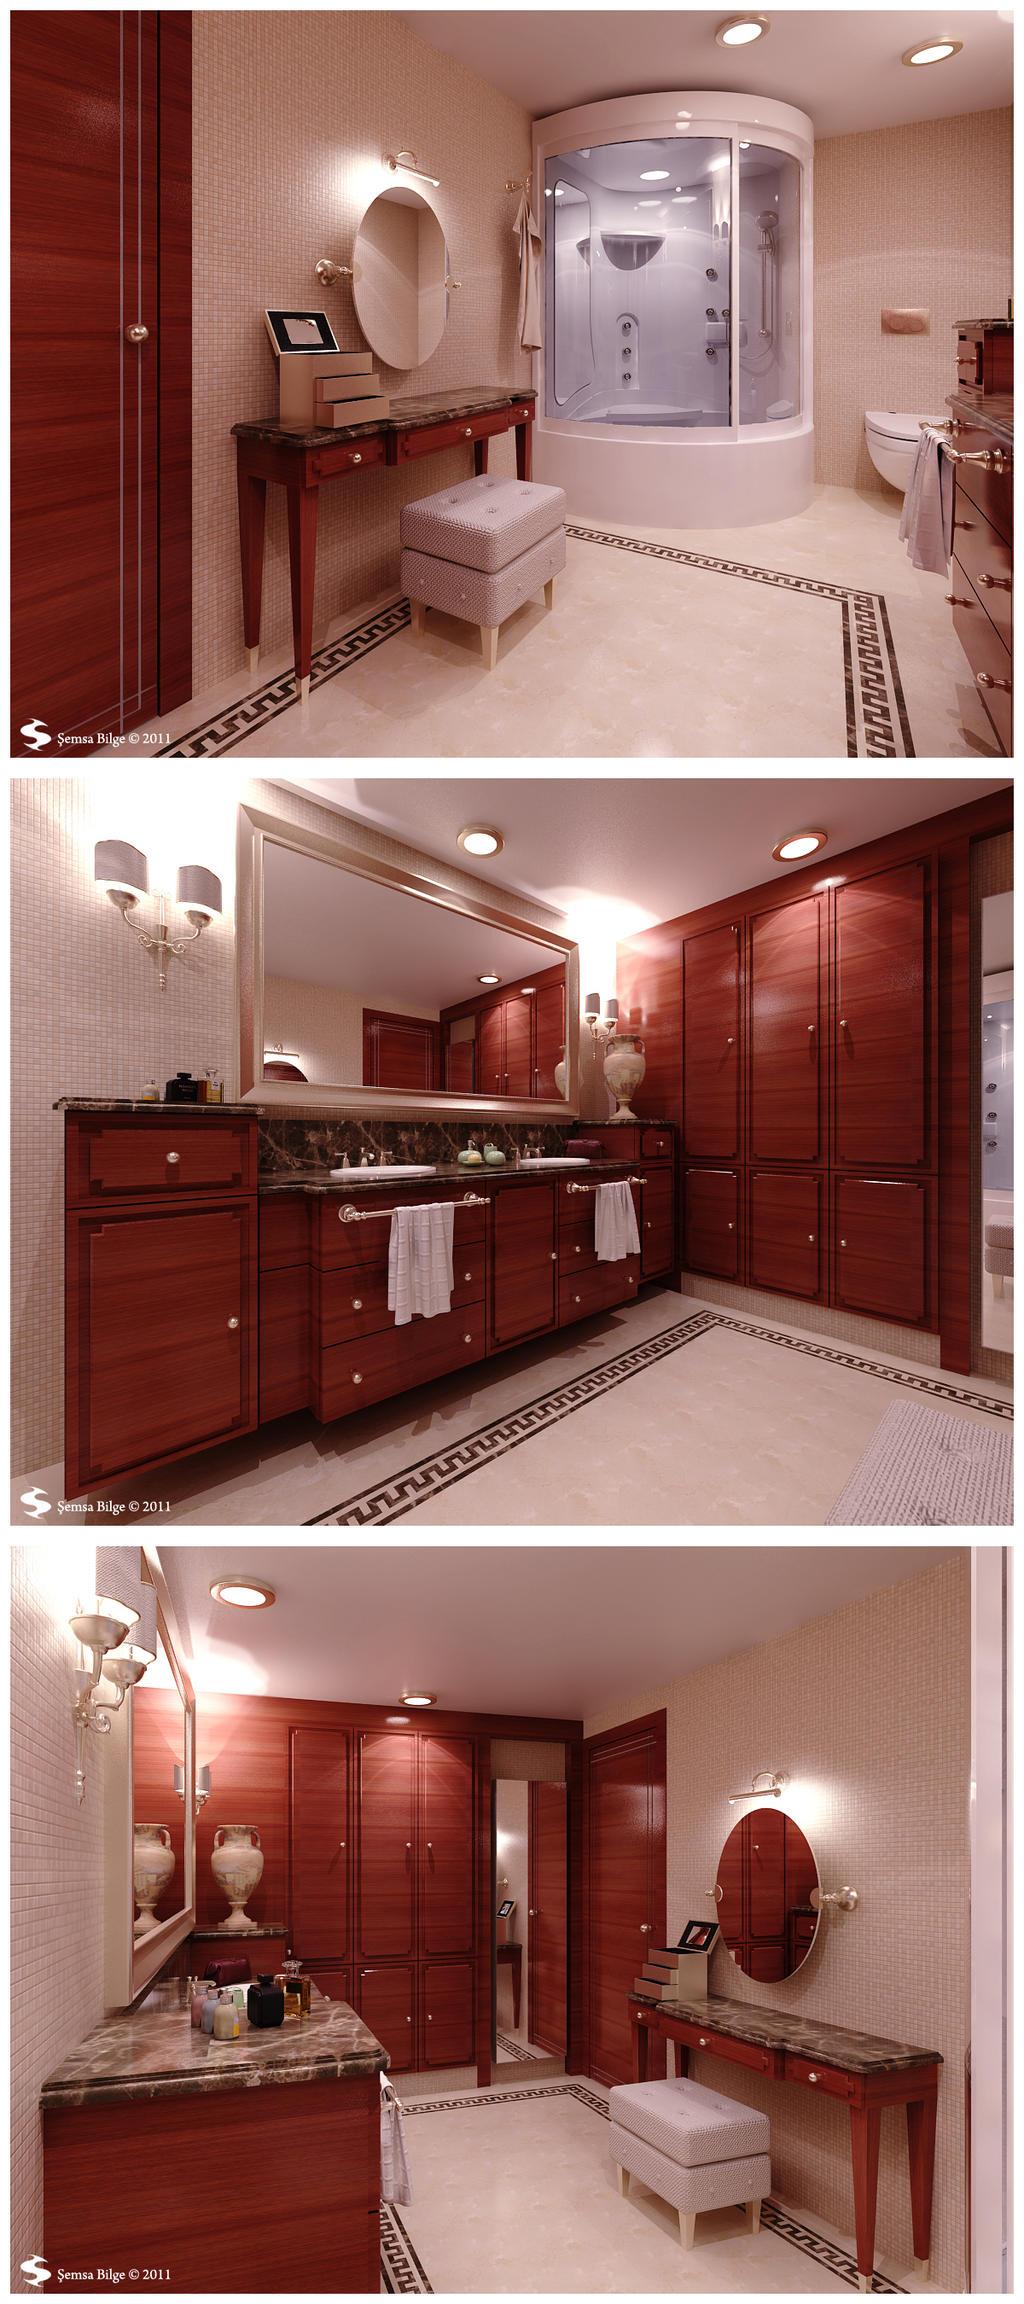 Istanbul H. - Master Bathroom by Semsa